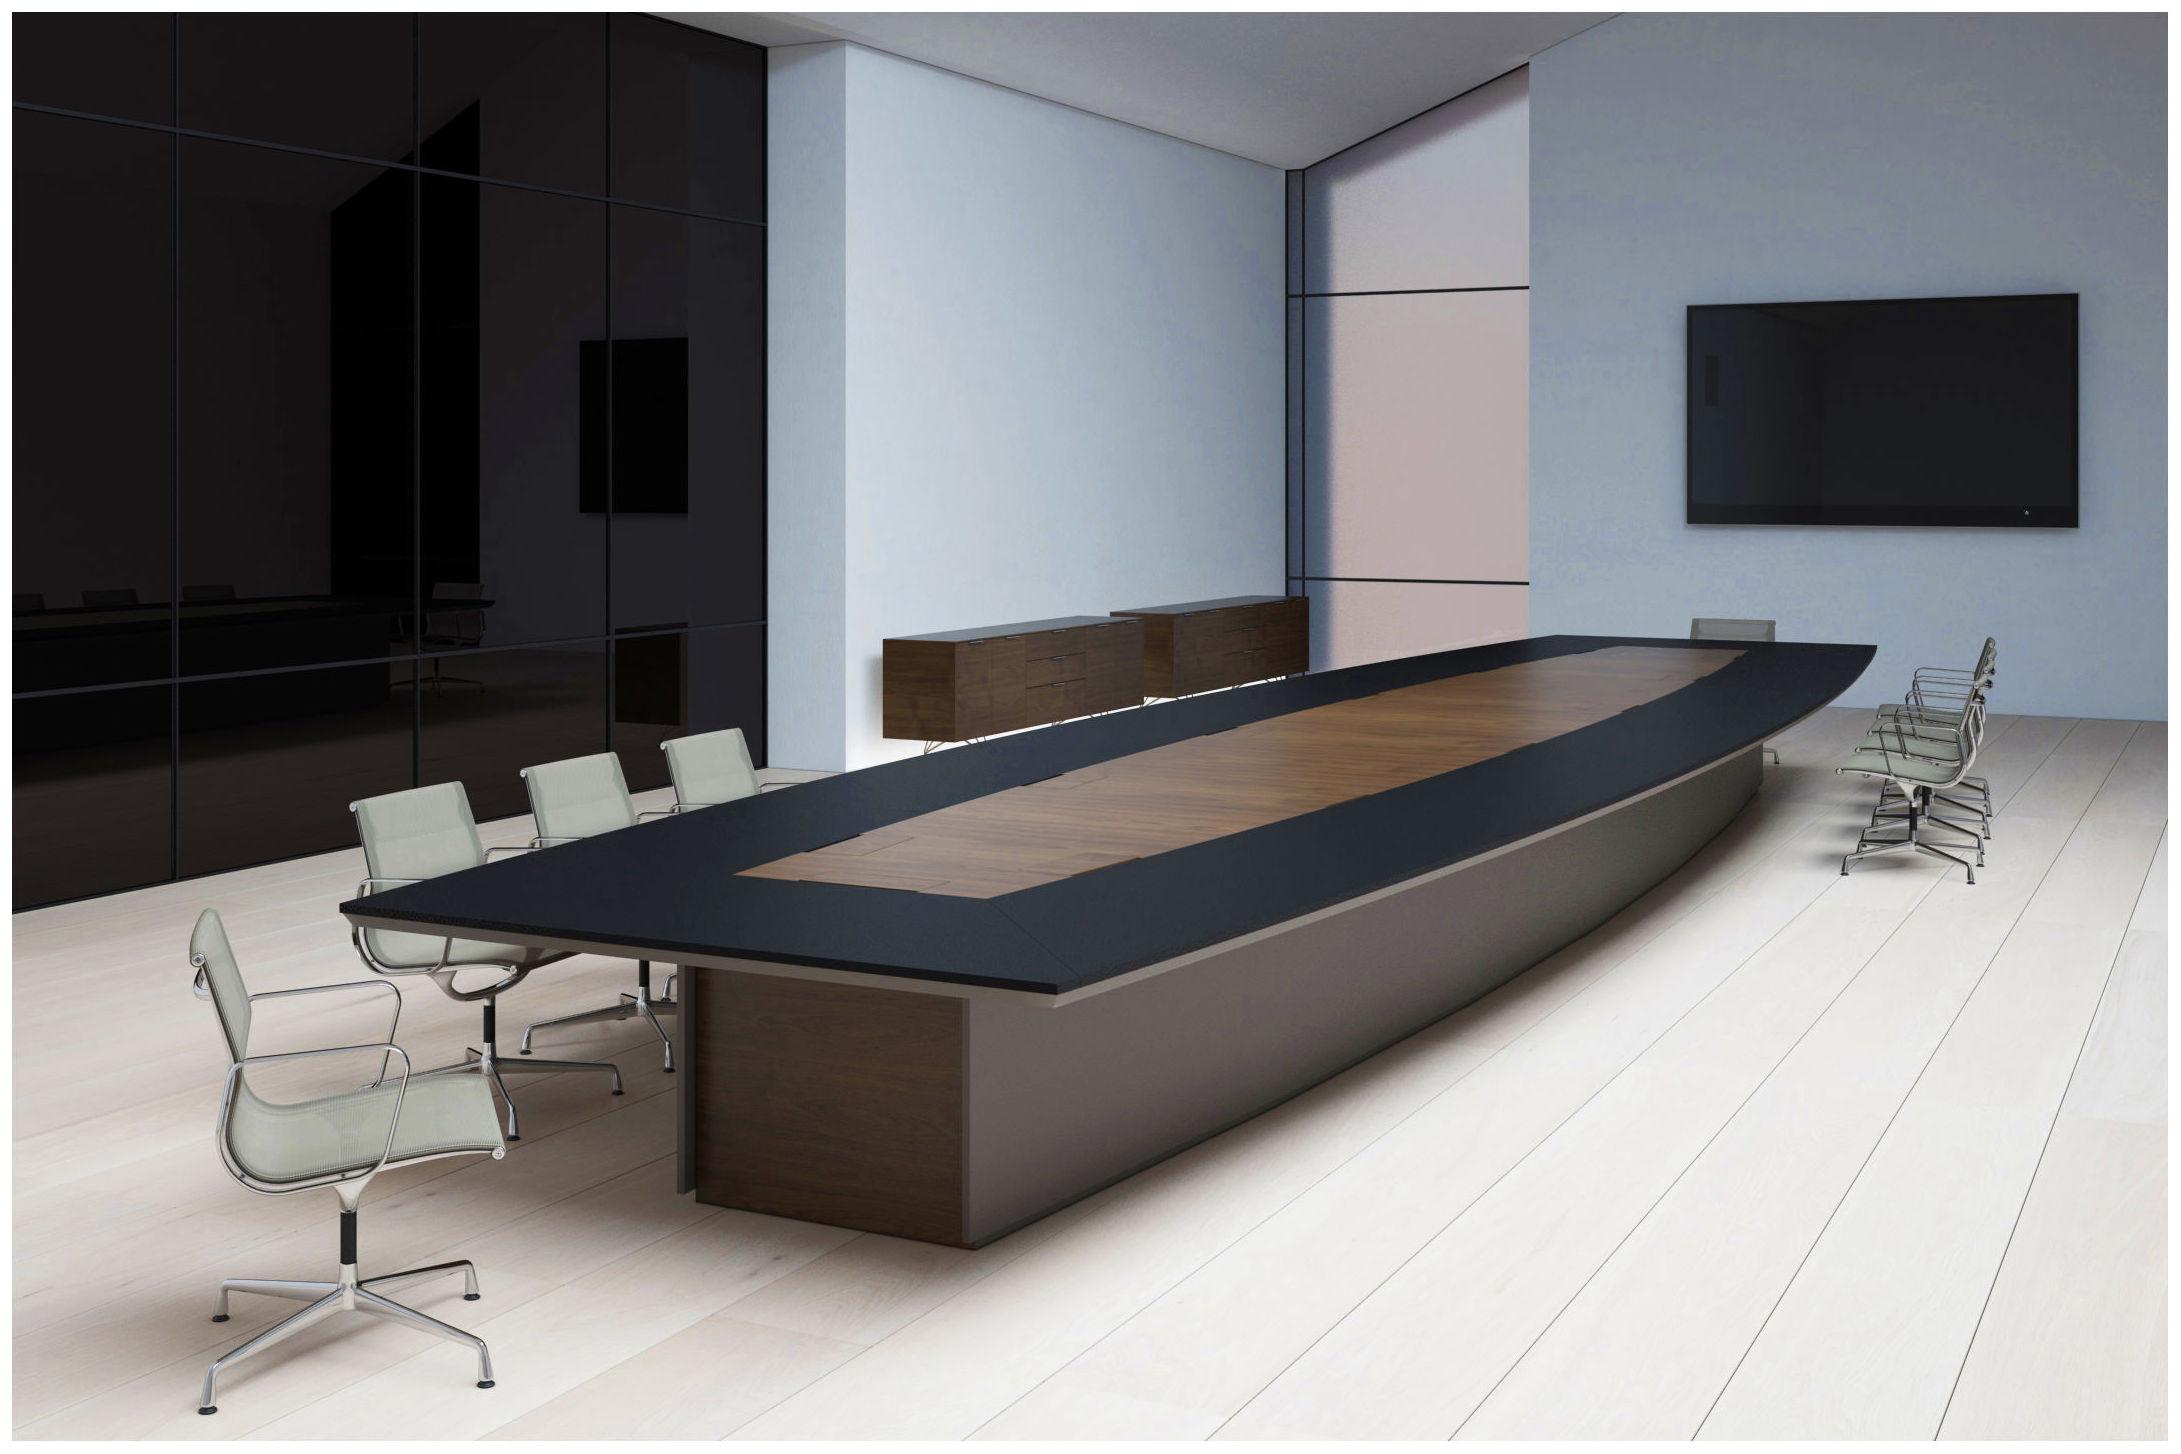 Mesas de reunion: Nuestros productos de Decoraciones Integrales Jerez S.L